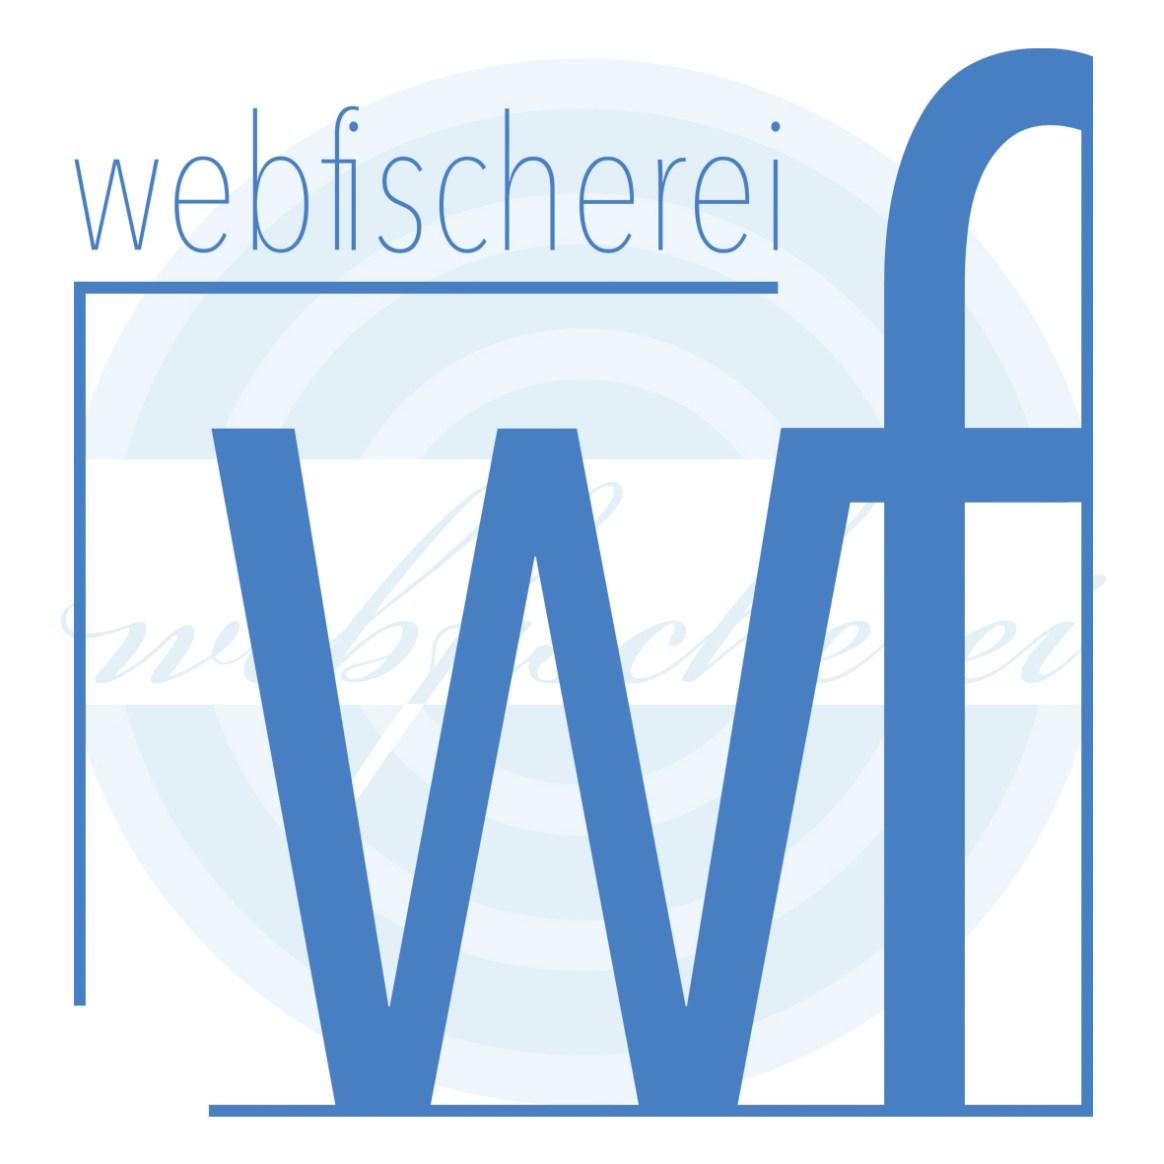 Logo webfischerei Wechsel